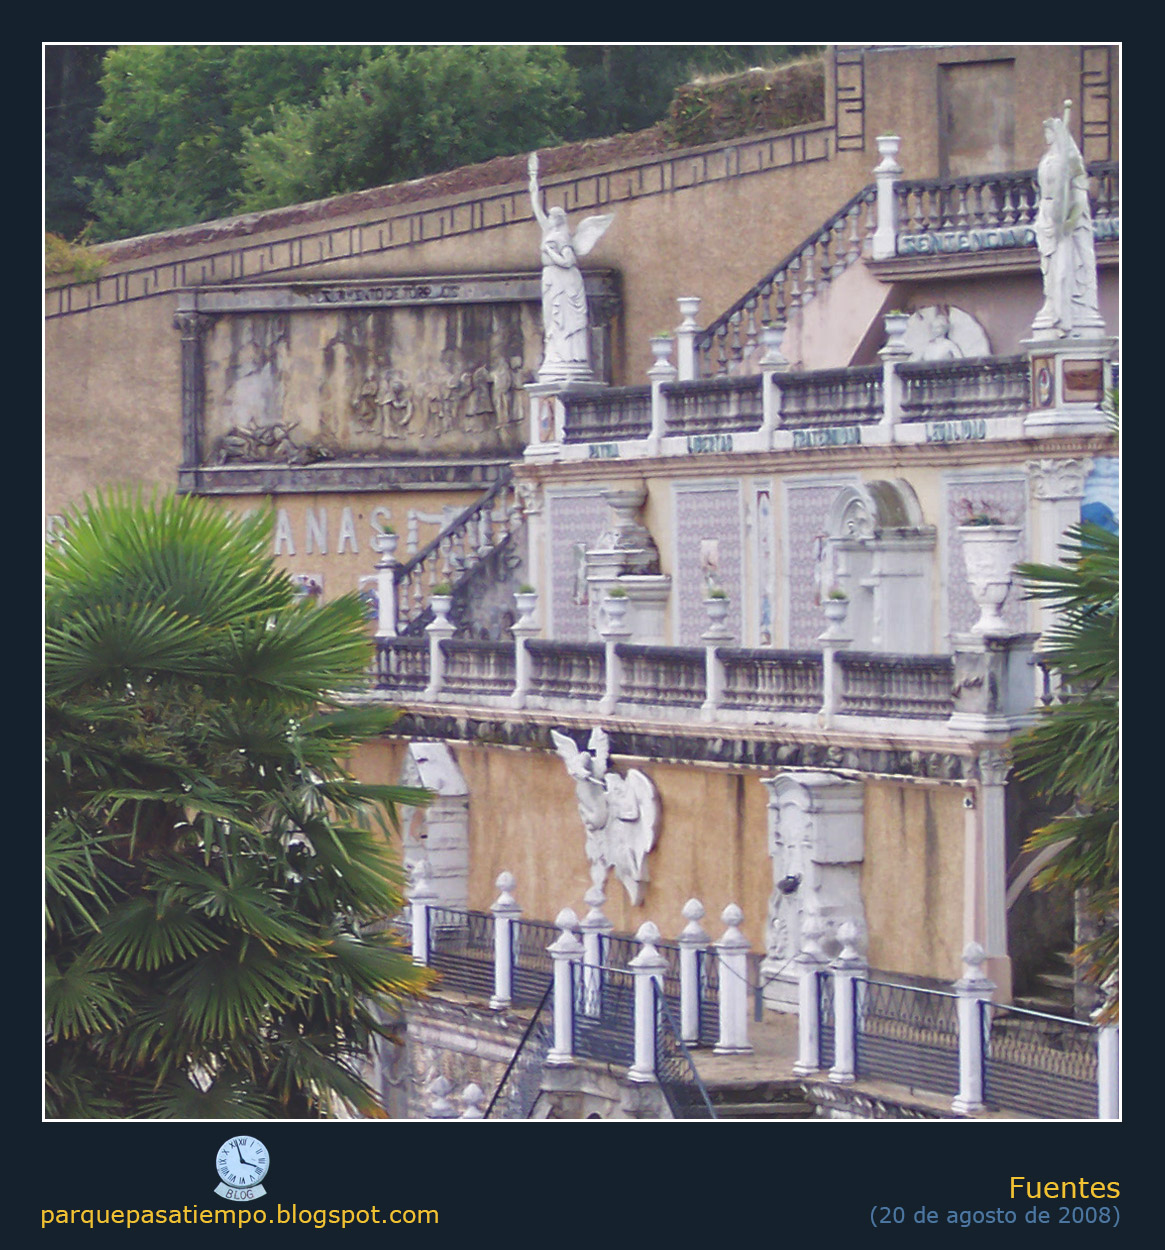 Parque del pasatiempo a 10 fuentes del muro de azulejos for Fuente de los azulejos